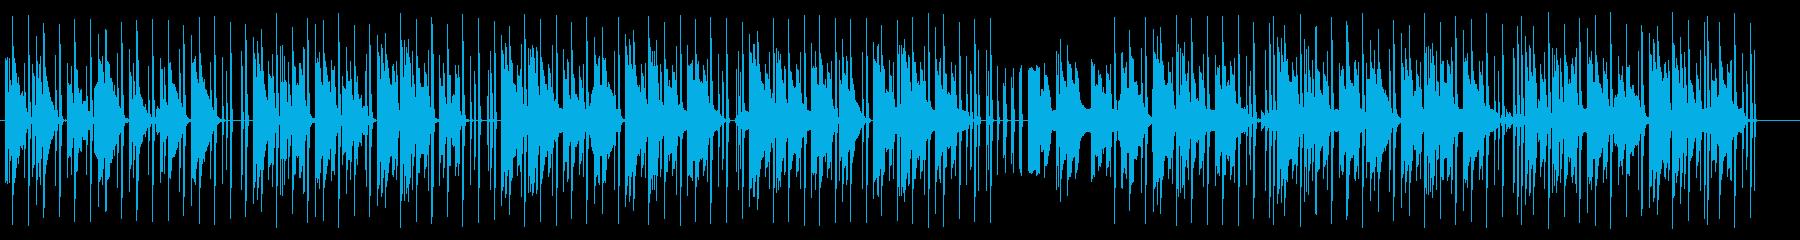 優しいミニマルテクノの再生済みの波形